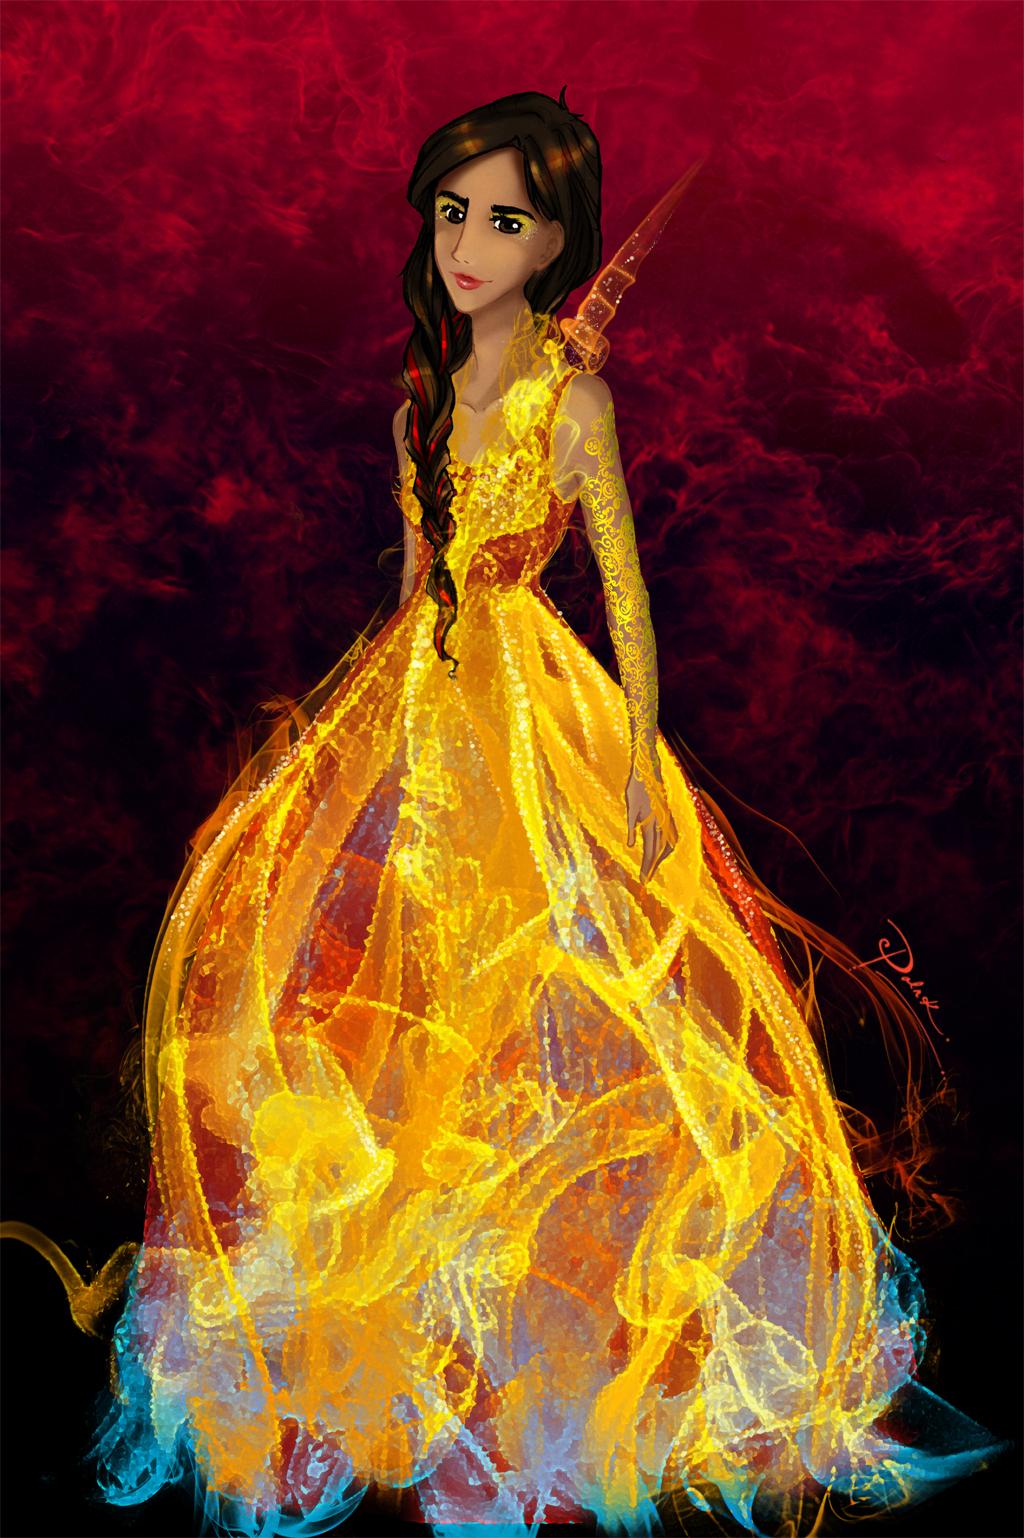 The Hunger Games Katniss EverdeenKatniss Everdeen Fan Art